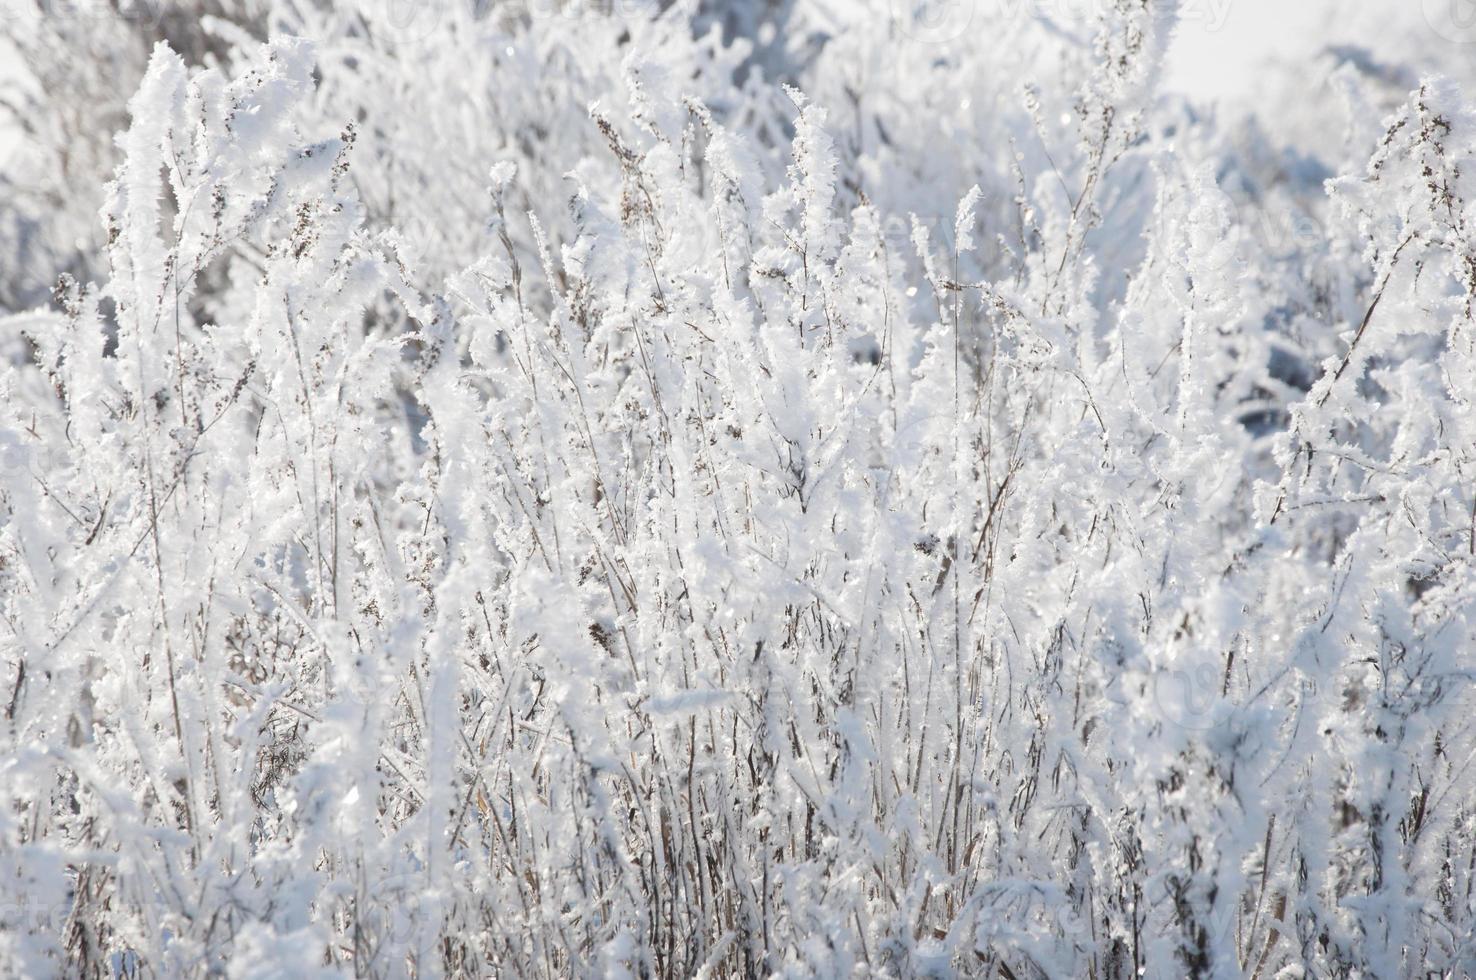 droog gras onder de sneeuw foto